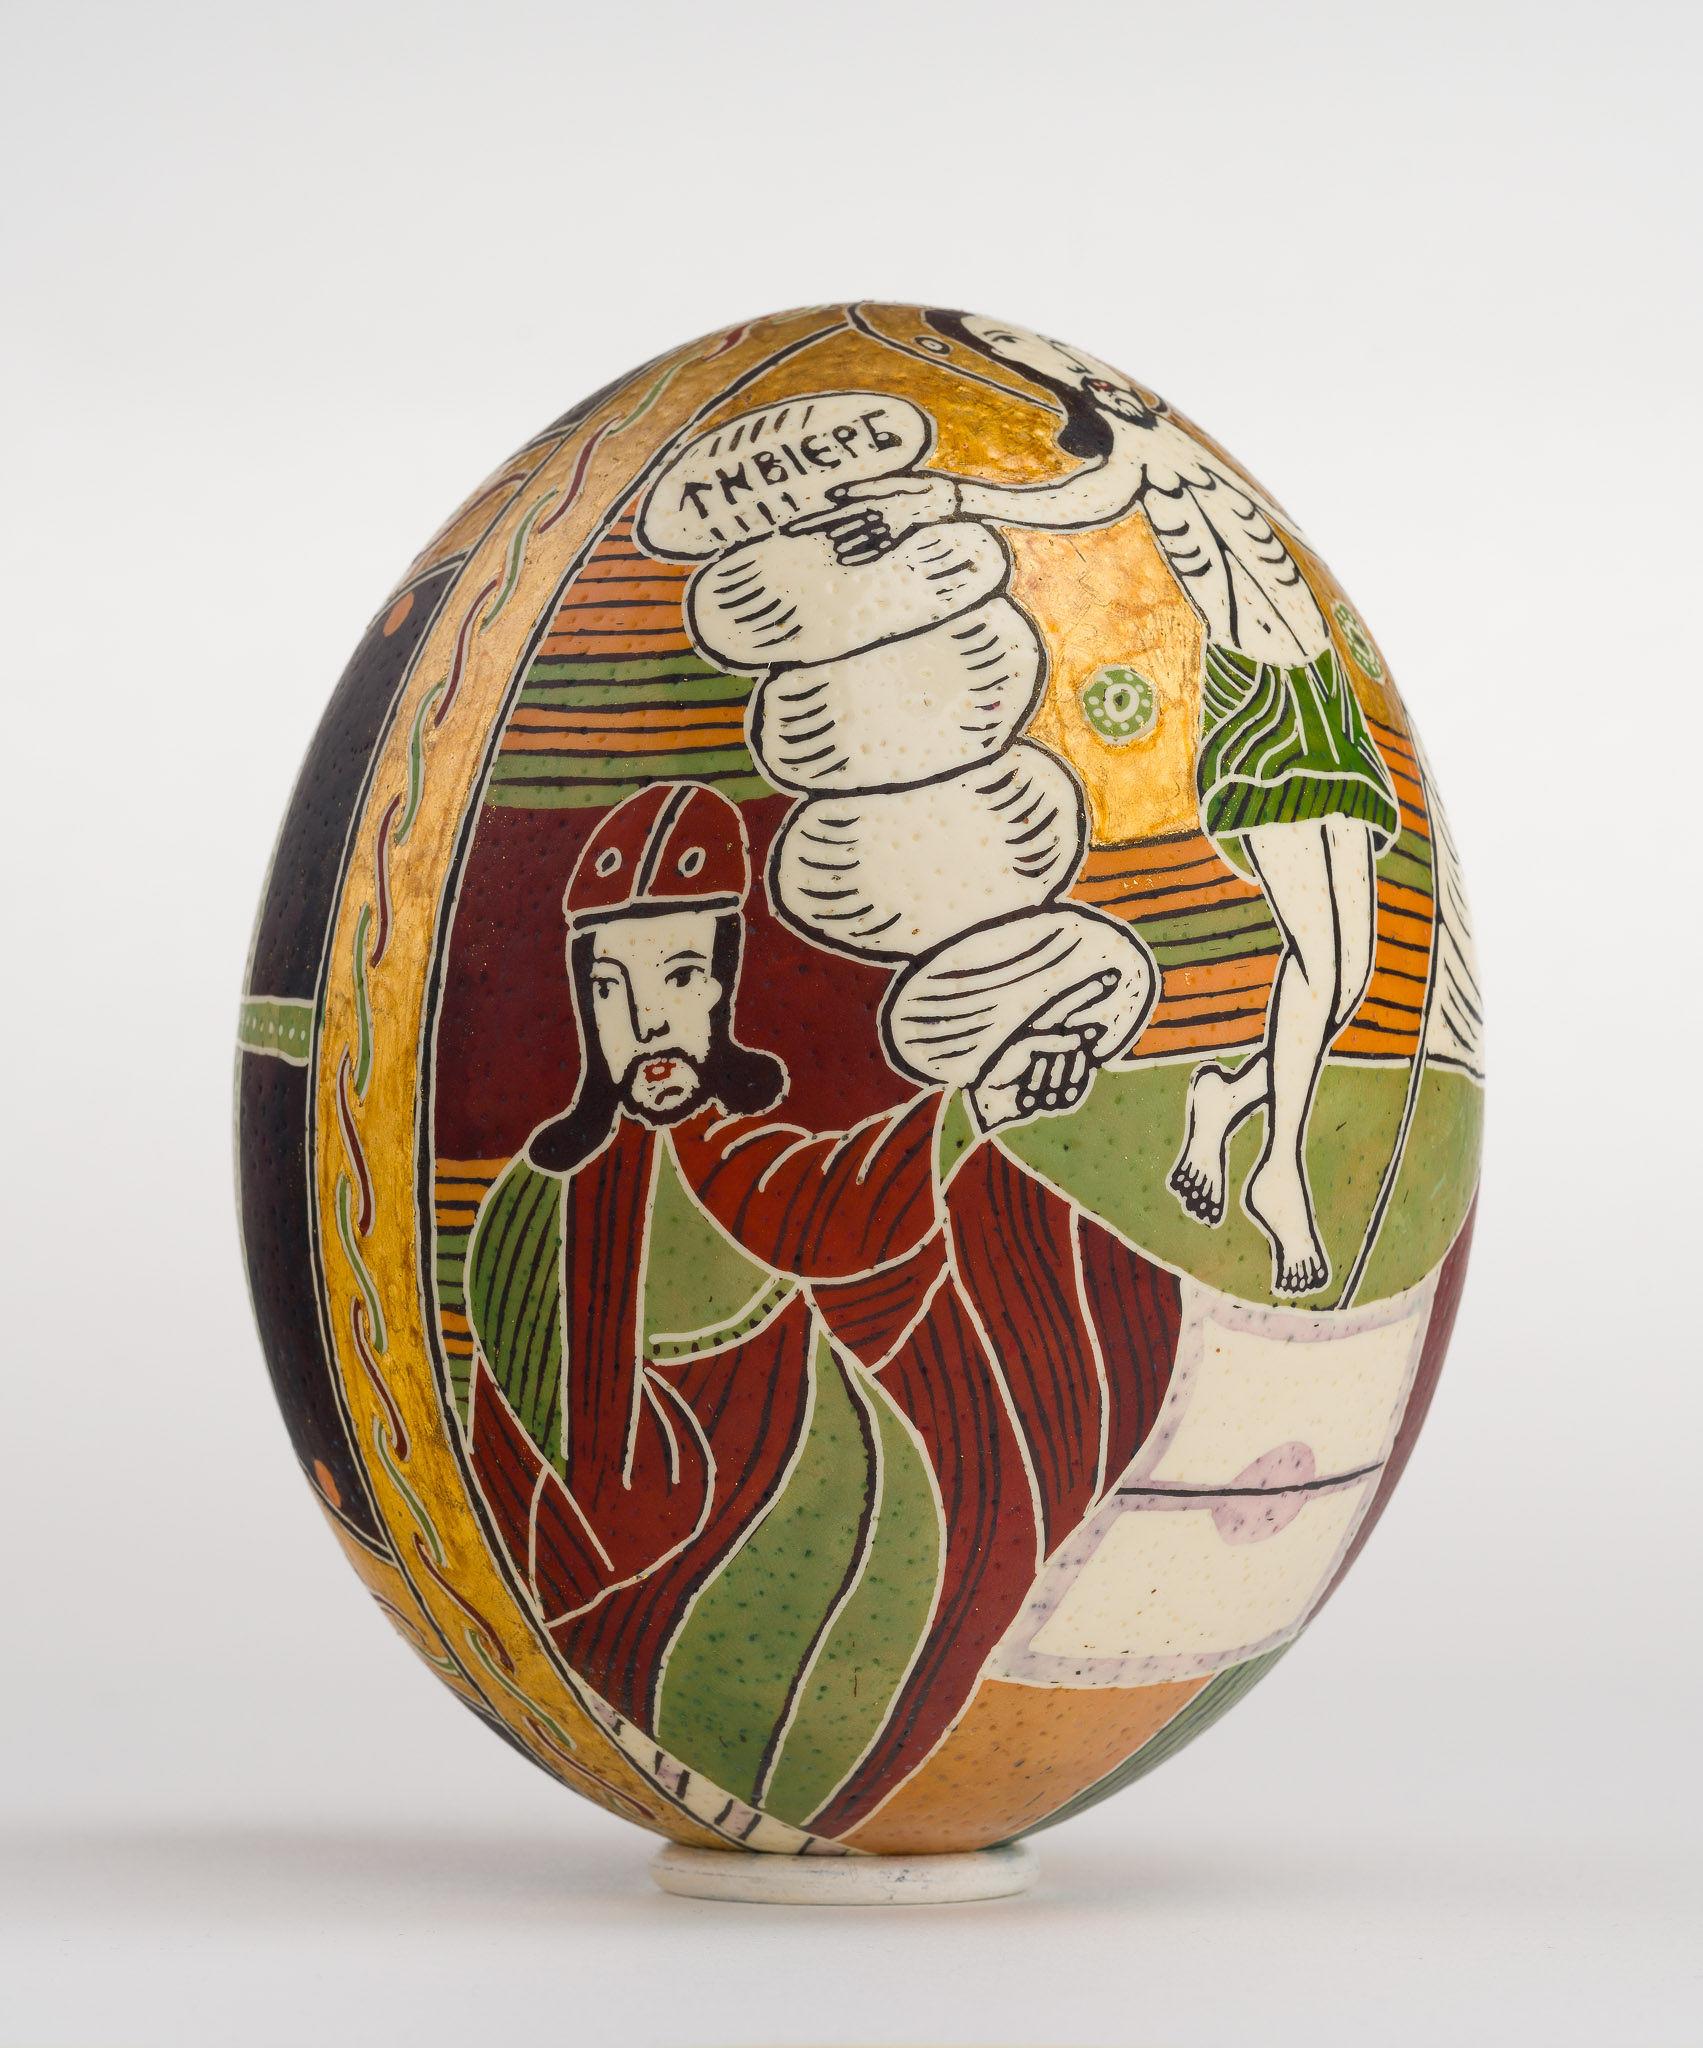 Icoană încondeiată pe ou de struț - Învierea Domnului. Sfintele Paști - maryando-118d.jpg